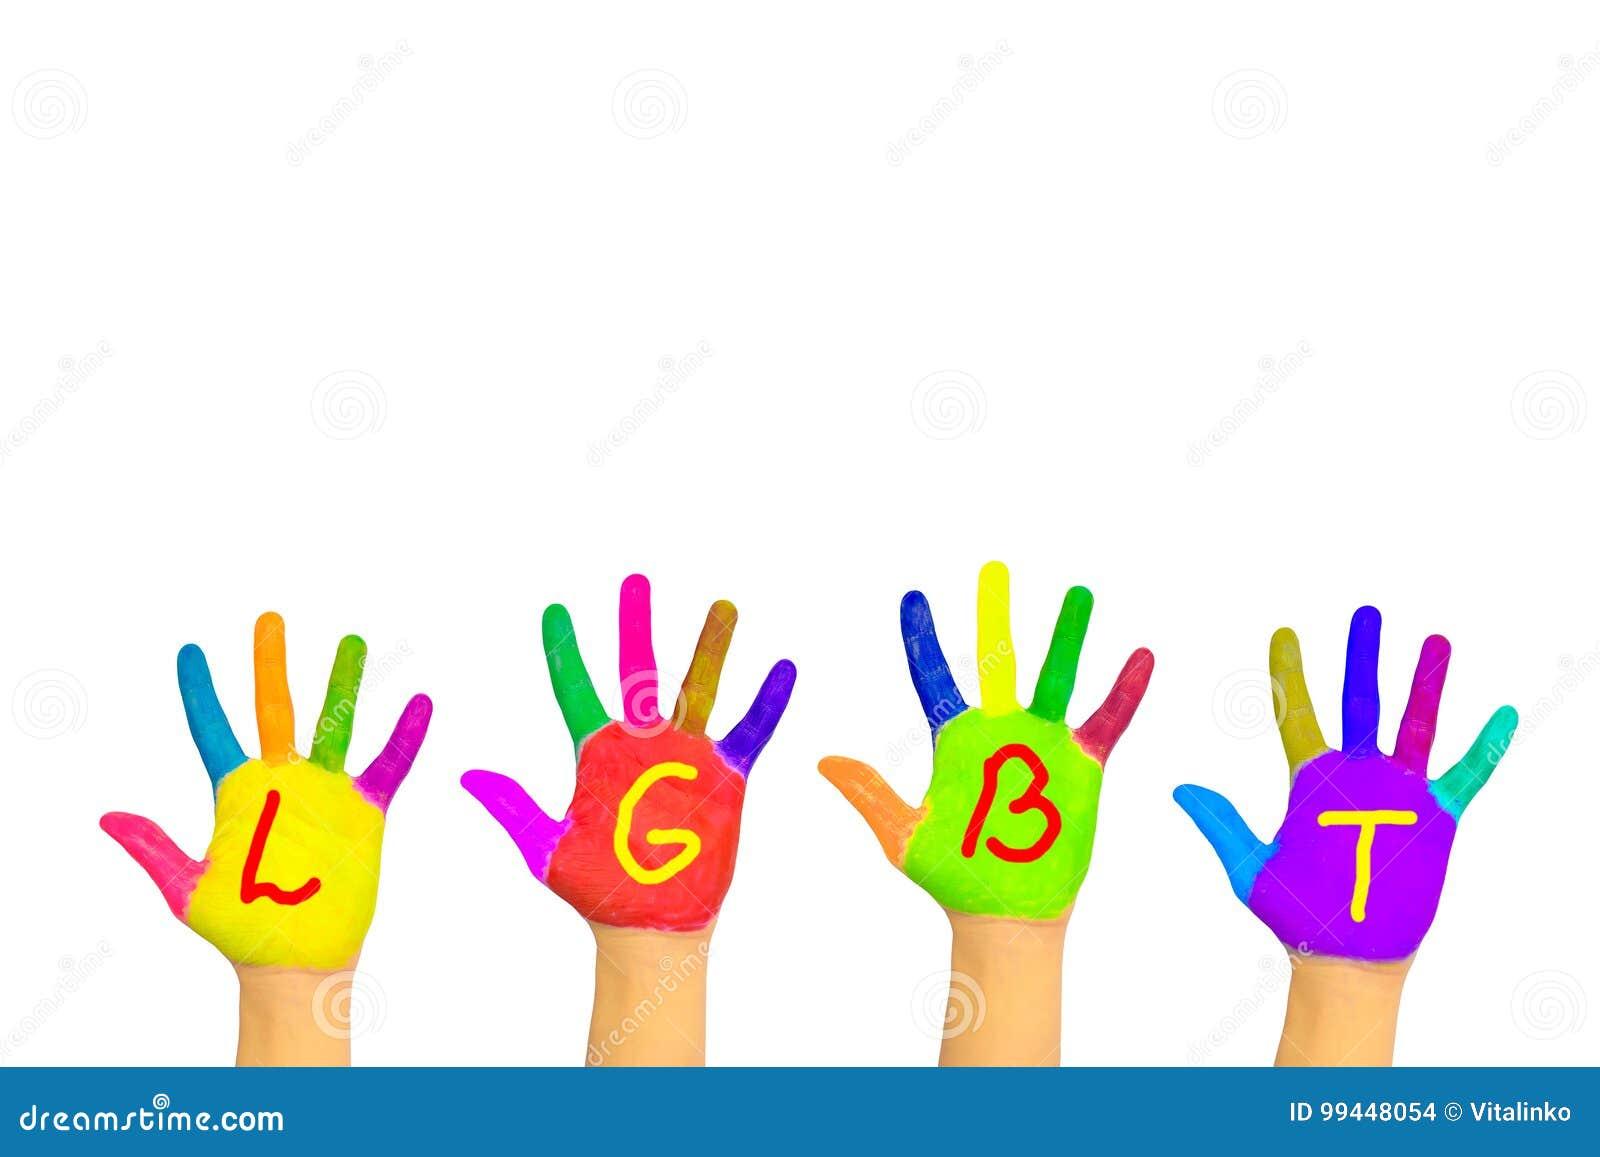 Verschiedenartigkeit, Vielzahl und LGBT-Gemeinschaftskonzept